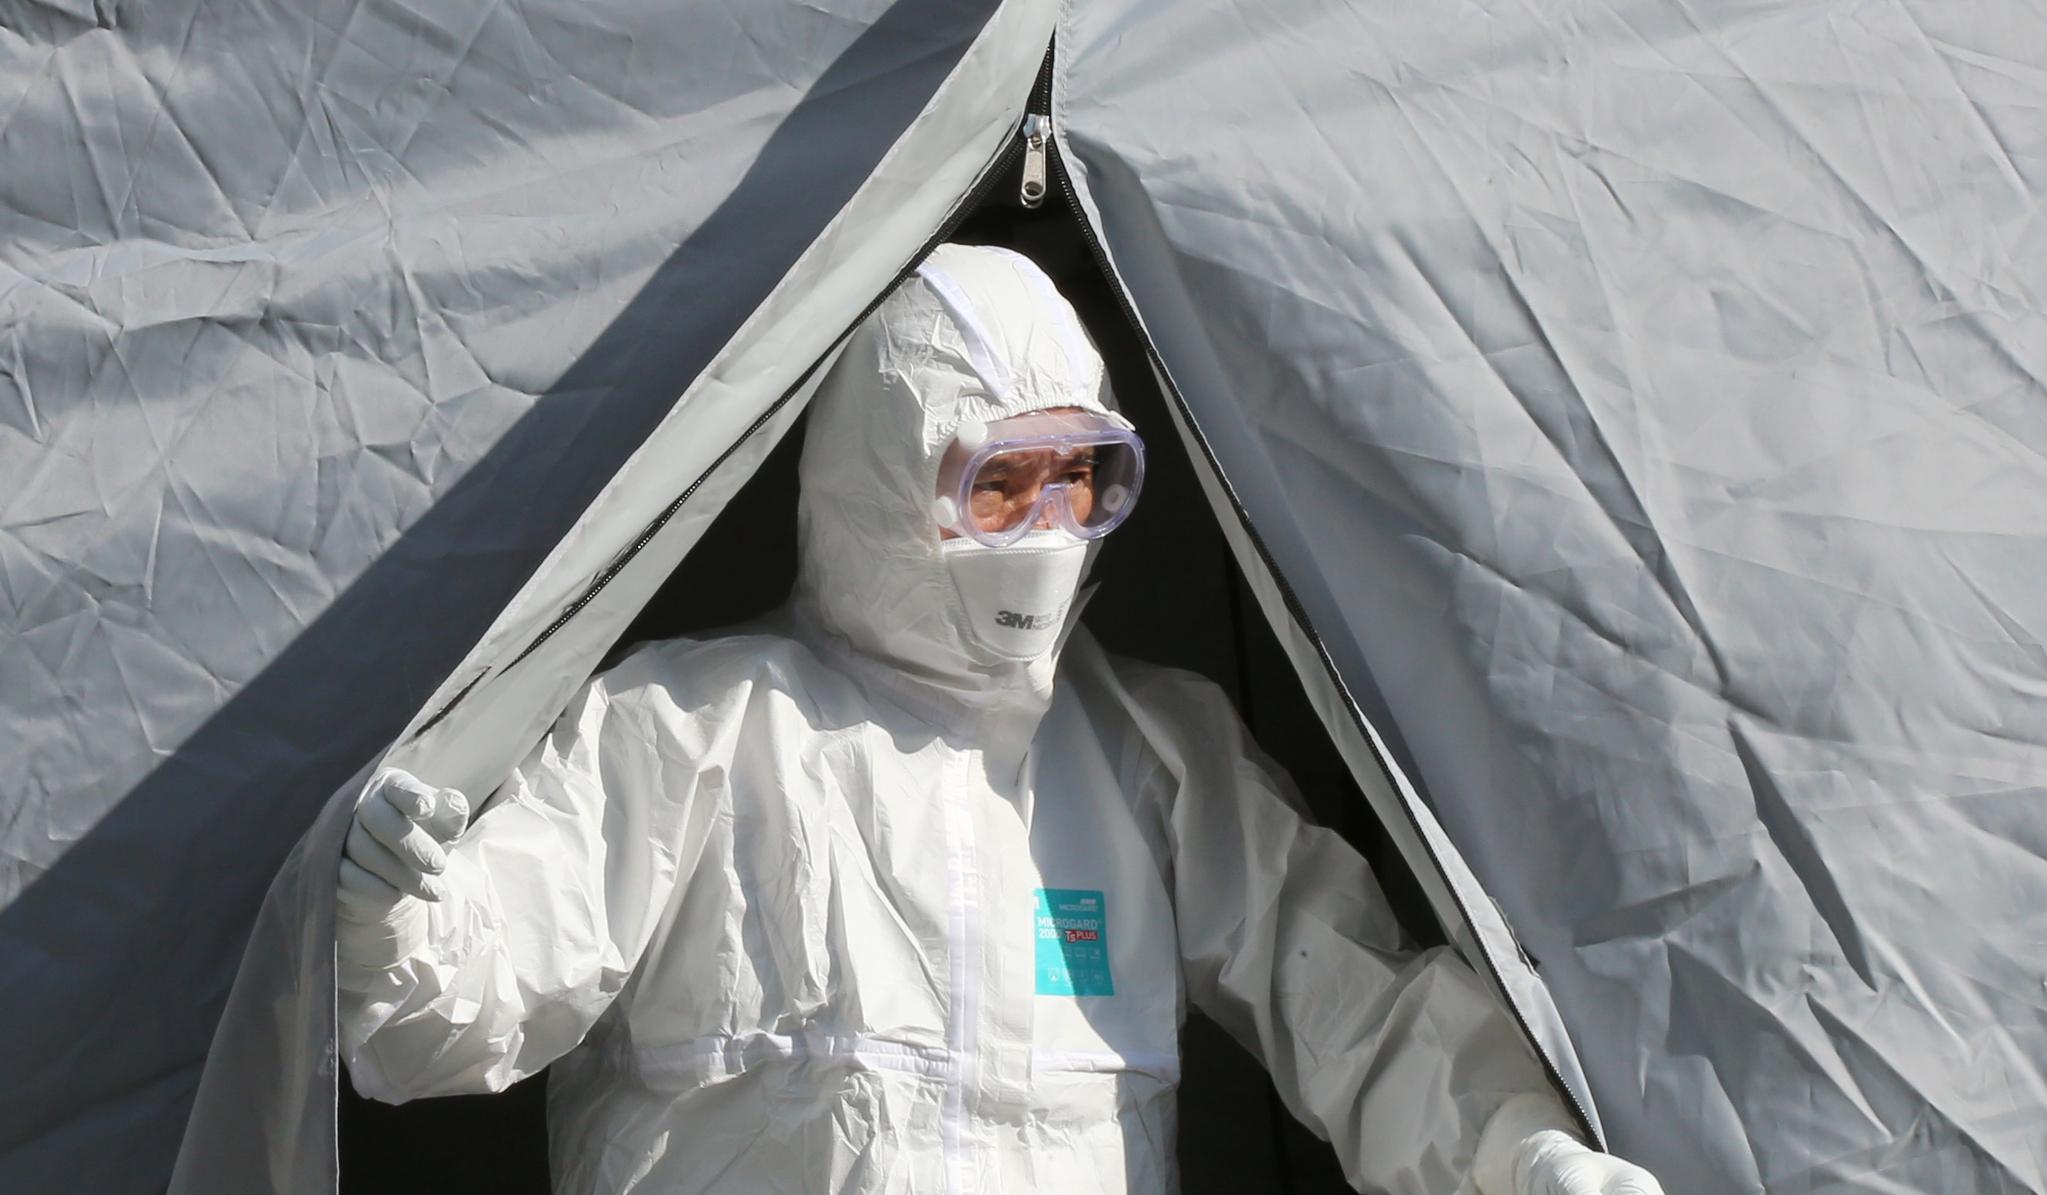 9일 오후 대전 유성보건소에 마련된 신종 코로나바이러스 감염증 선별진료소에서 근무자가 나오고 있다. [뉴스1]